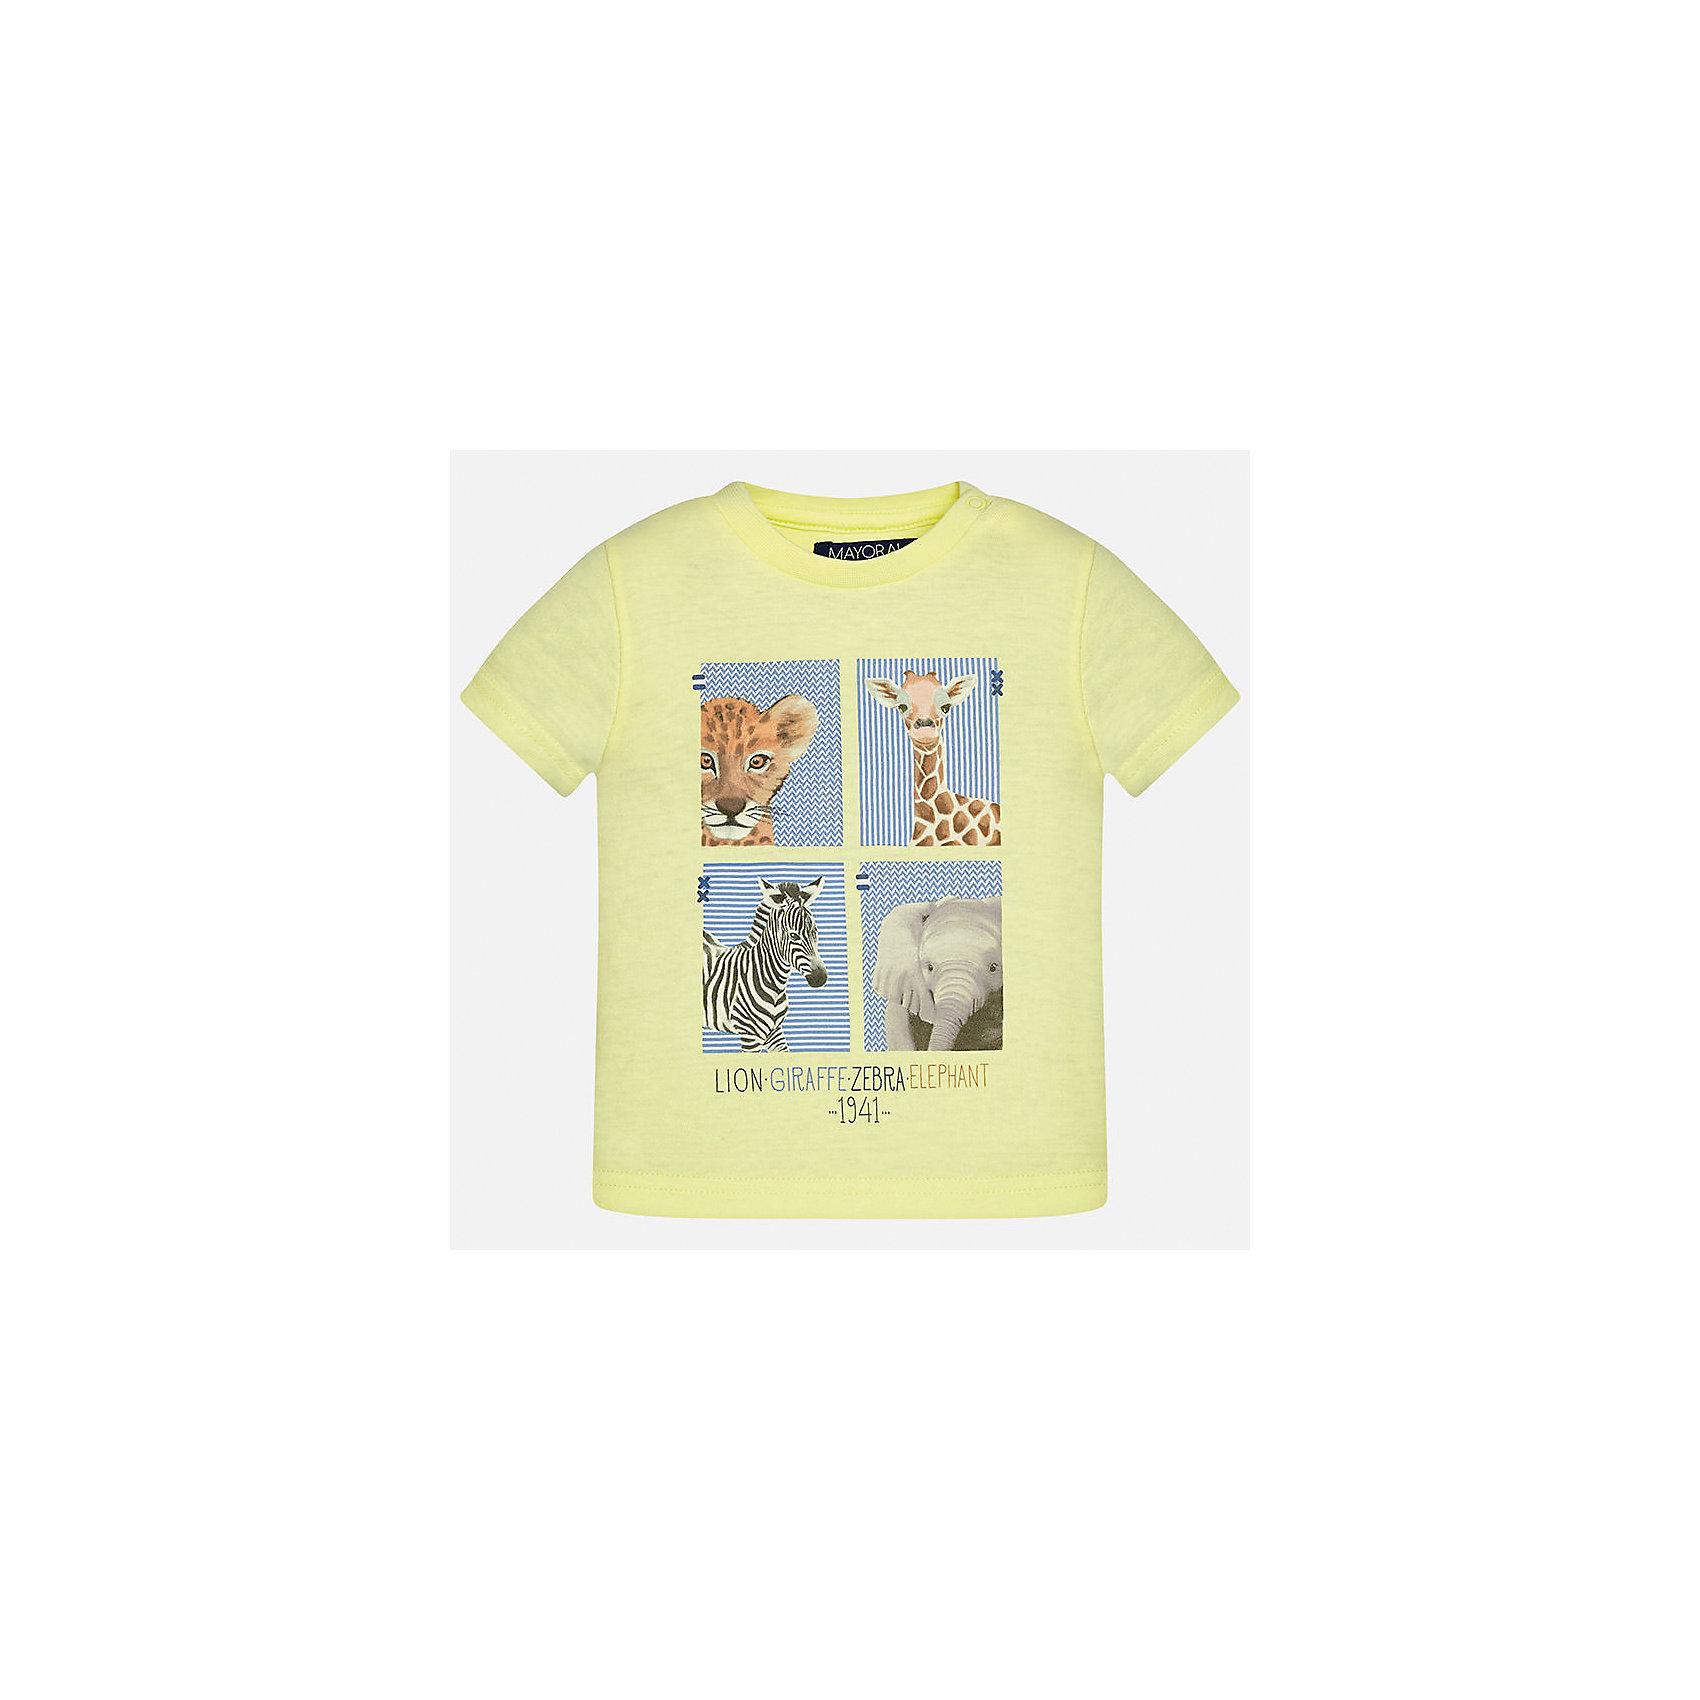 Футболка для мальчика MayoralХарактеристики товара:<br><br>• цвет: желтый<br>• состав: 100% хлопок<br>• круглый горловой вырез<br>• декорирована принтом<br>• короткие рукава<br>• мягкая отделка горловины<br>• страна бренда: Испания<br><br>Стильная удобная футболка с принтом поможет разнообразить гардероб мальчика. Она отлично сочетается с брюками, шортами, джинсами. Универсальный крой и цвет позволяет подобрать к вещи низ разных расцветок. Практичное и стильное изделие! Хорошо смотрится и комфортно сидит на детях. В составе материала - натуральный хлопок, гипоаллергенный, приятный на ощупь, дышащий. <br><br>Одежда, обувь и аксессуары от испанского бренда Mayoral полюбились детям и взрослым по всему миру. Модели этой марки - стильные и удобные. Для их производства используются только безопасные, качественные материалы и фурнитура. Порадуйте ребенка модными и красивыми вещами от Mayoral! <br><br>Футболку для мальчика от испанского бренда Mayoral (Майорал) можно купить в нашем интернет-магазине.<br><br>Ширина мм: 199<br>Глубина мм: 10<br>Высота мм: 161<br>Вес г: 151<br>Цвет: оранжевый<br>Возраст от месяцев: 12<br>Возраст до месяцев: 15<br>Пол: Мужской<br>Возраст: Детский<br>Размер: 80,92,86<br>SKU: 5278429